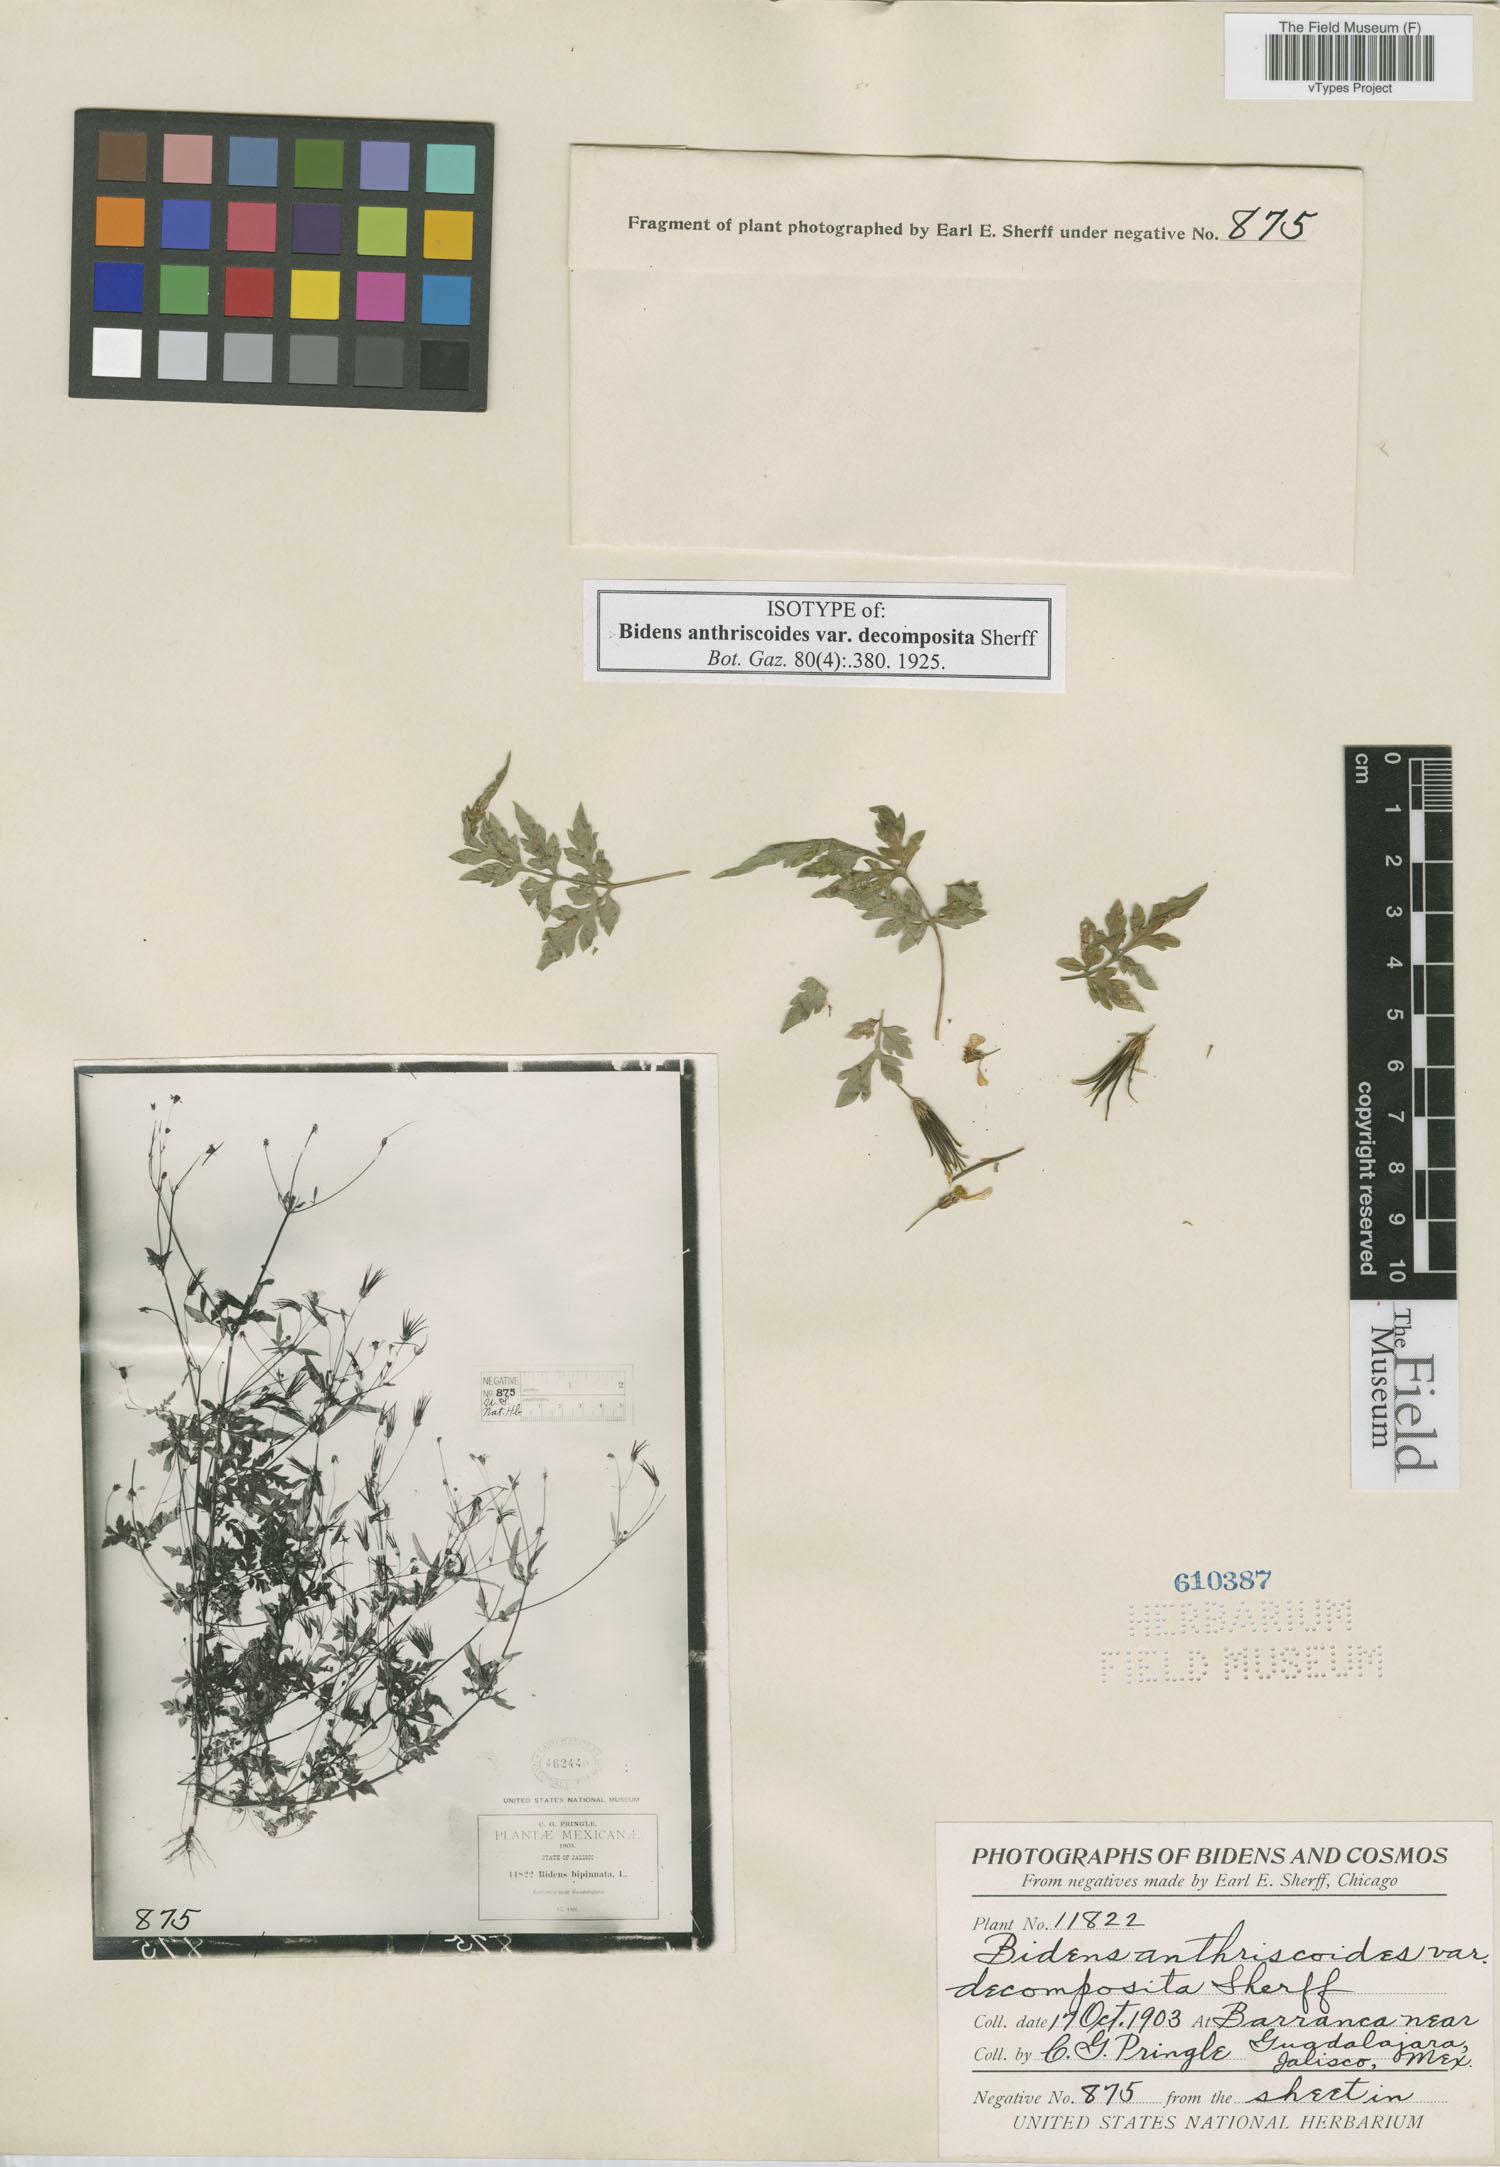 Bidens anthriscoides image